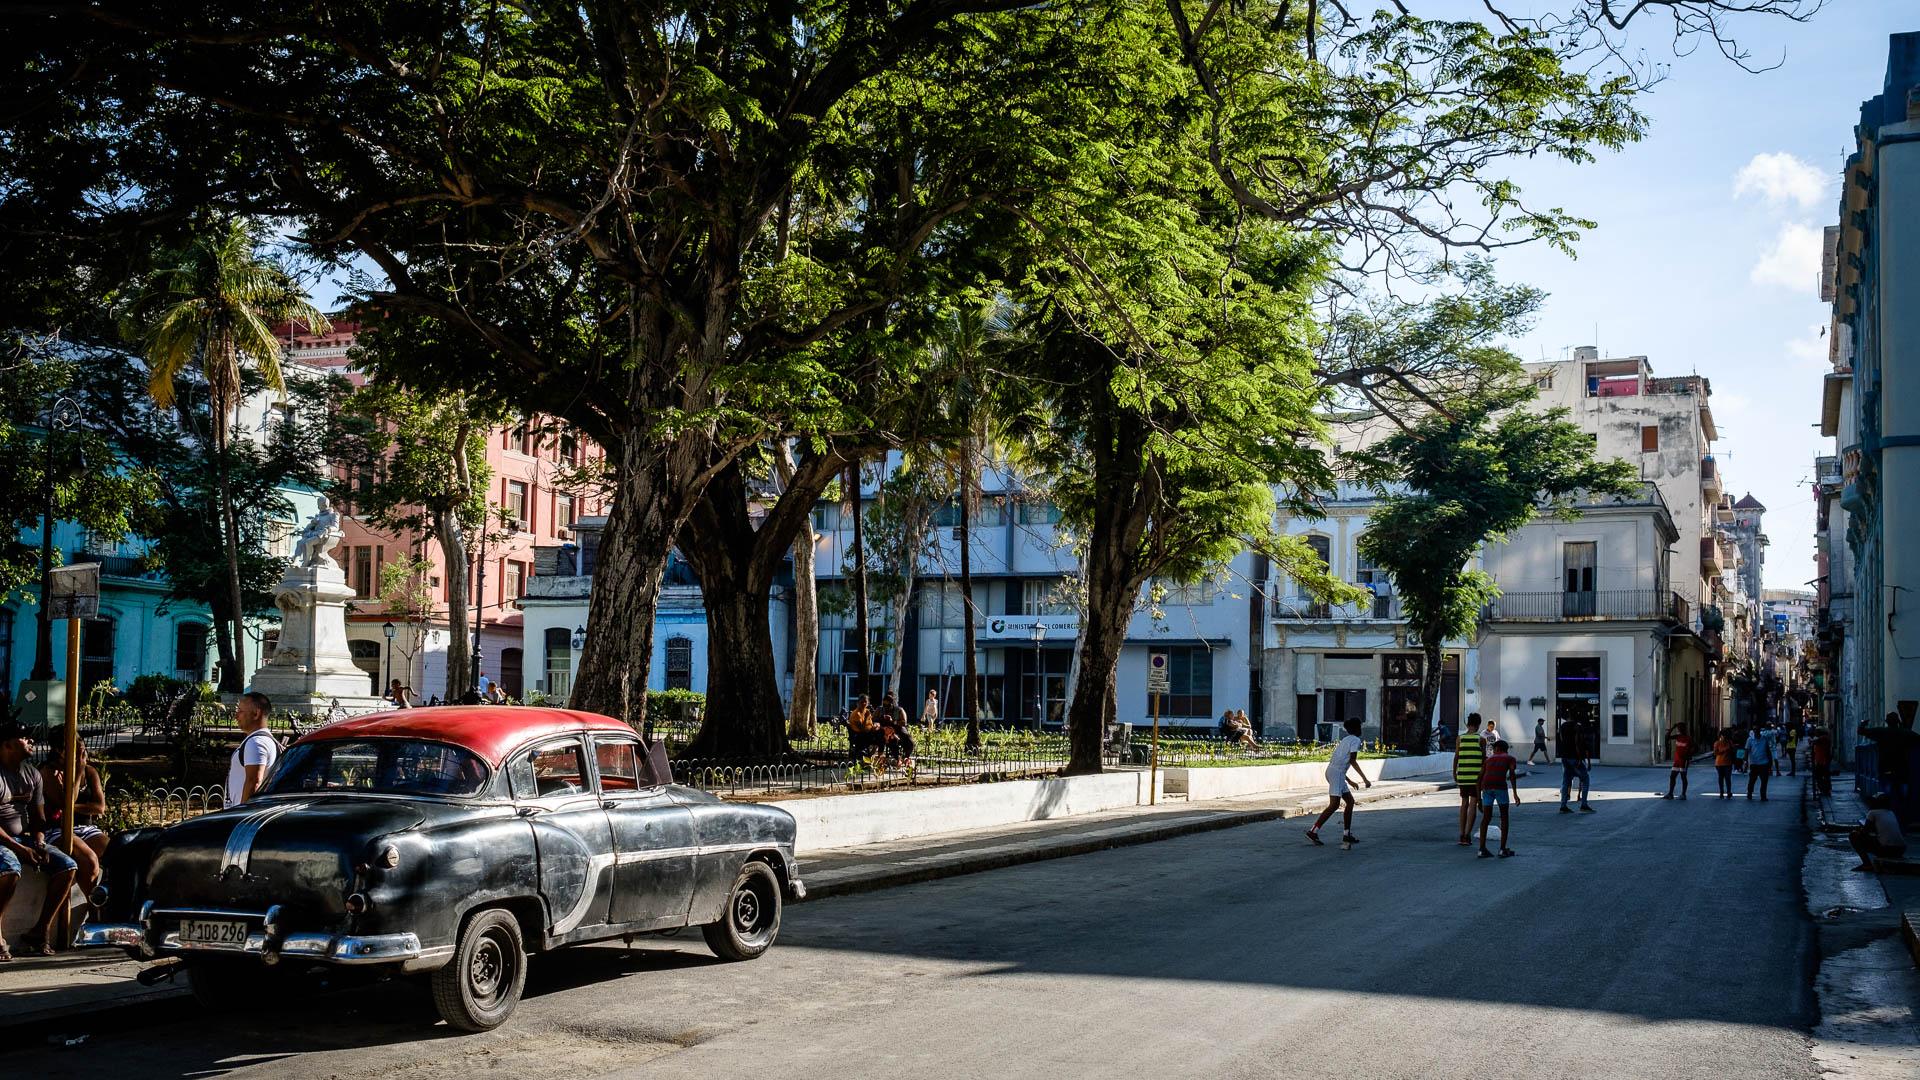 180501-Havana-339-1080.jpg